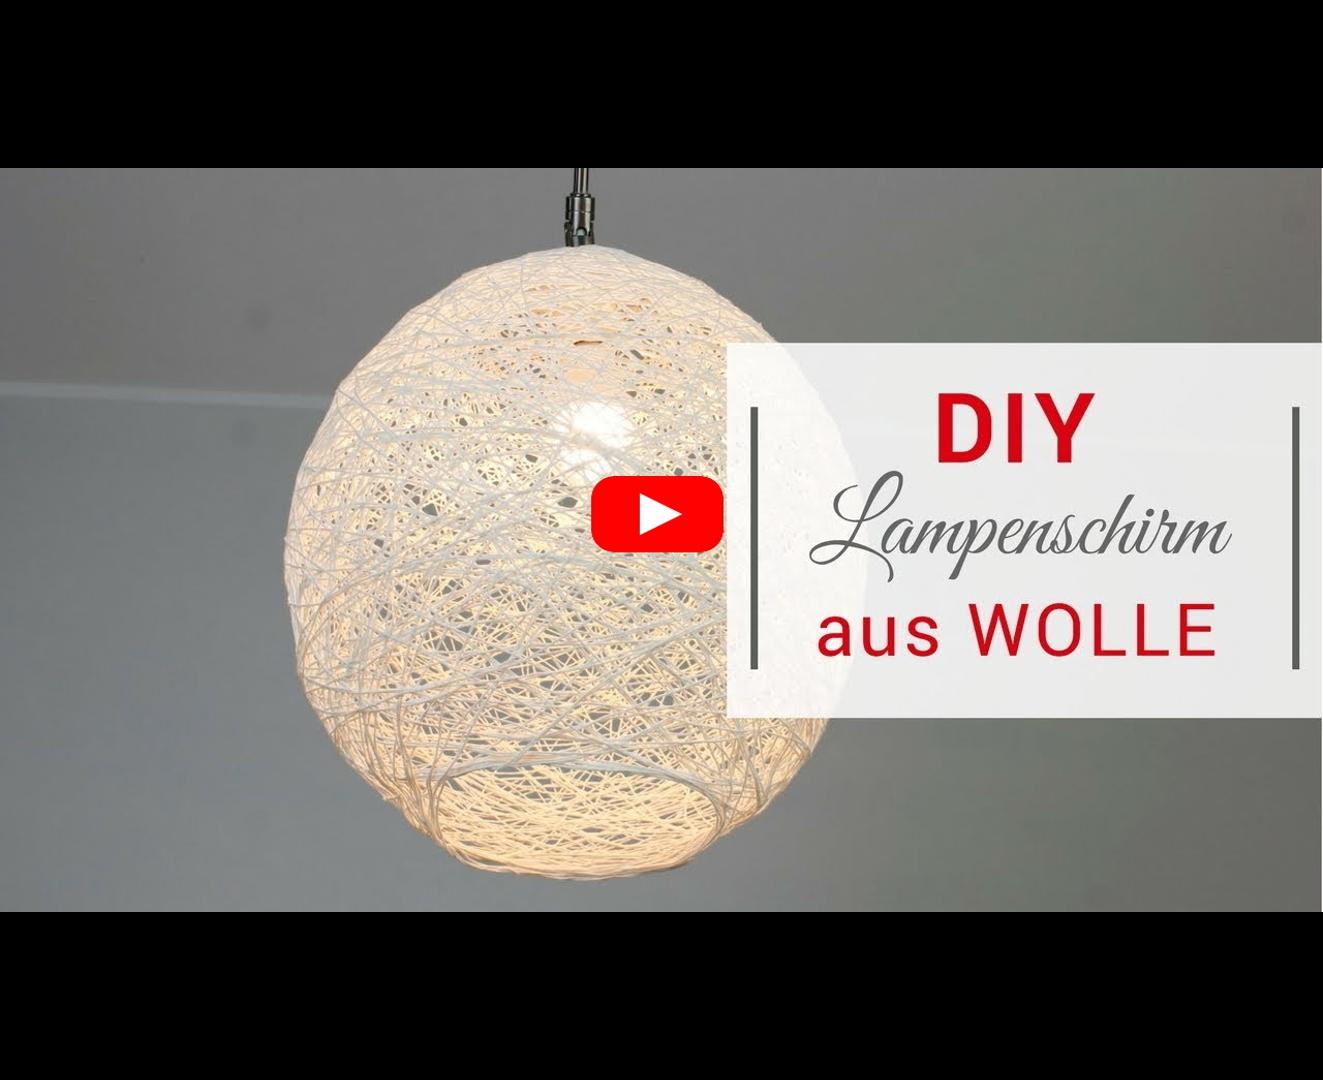 diy lampenschirm aus wolle super einfach und g nstig. Black Bedroom Furniture Sets. Home Design Ideas